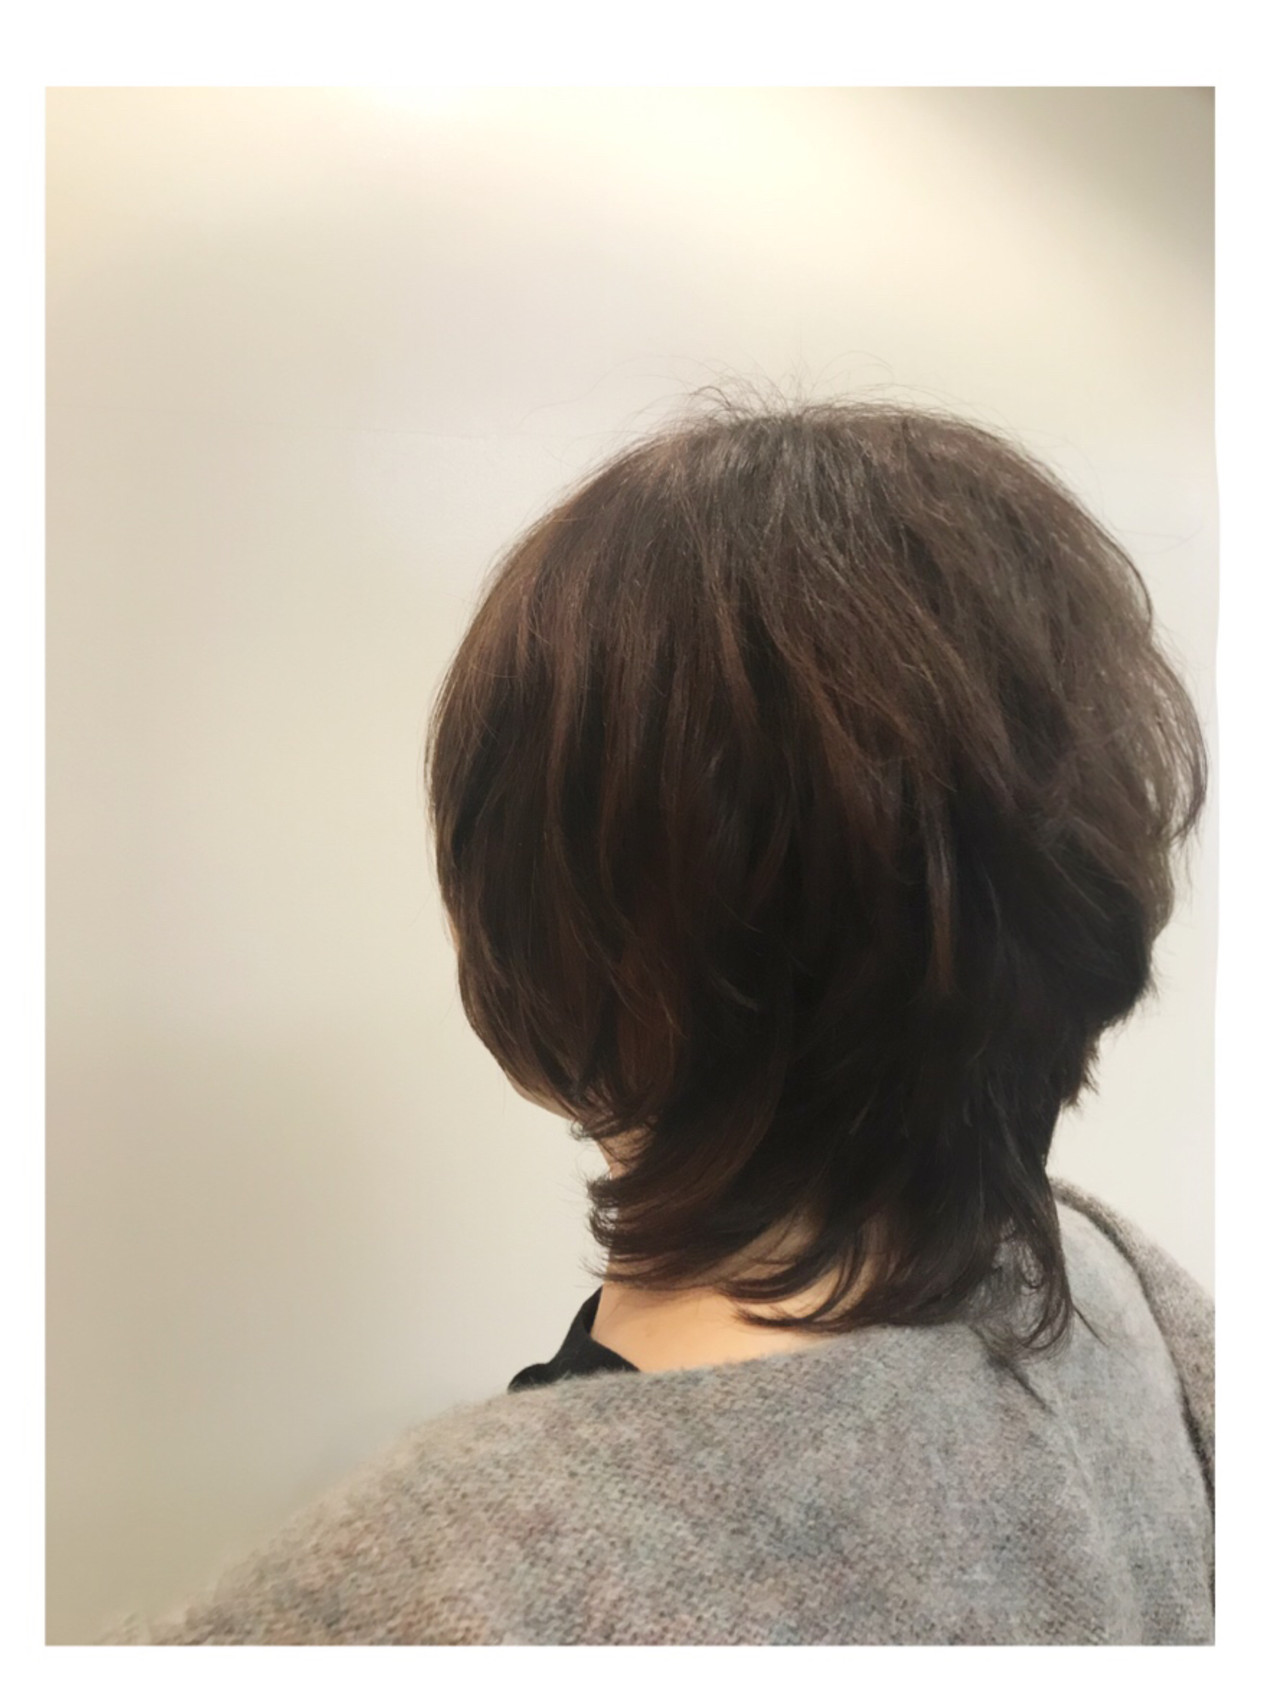 ナチュラルウルフ マッシュショート ナチュラル ショート ヘアスタイルや髪型の写真・画像